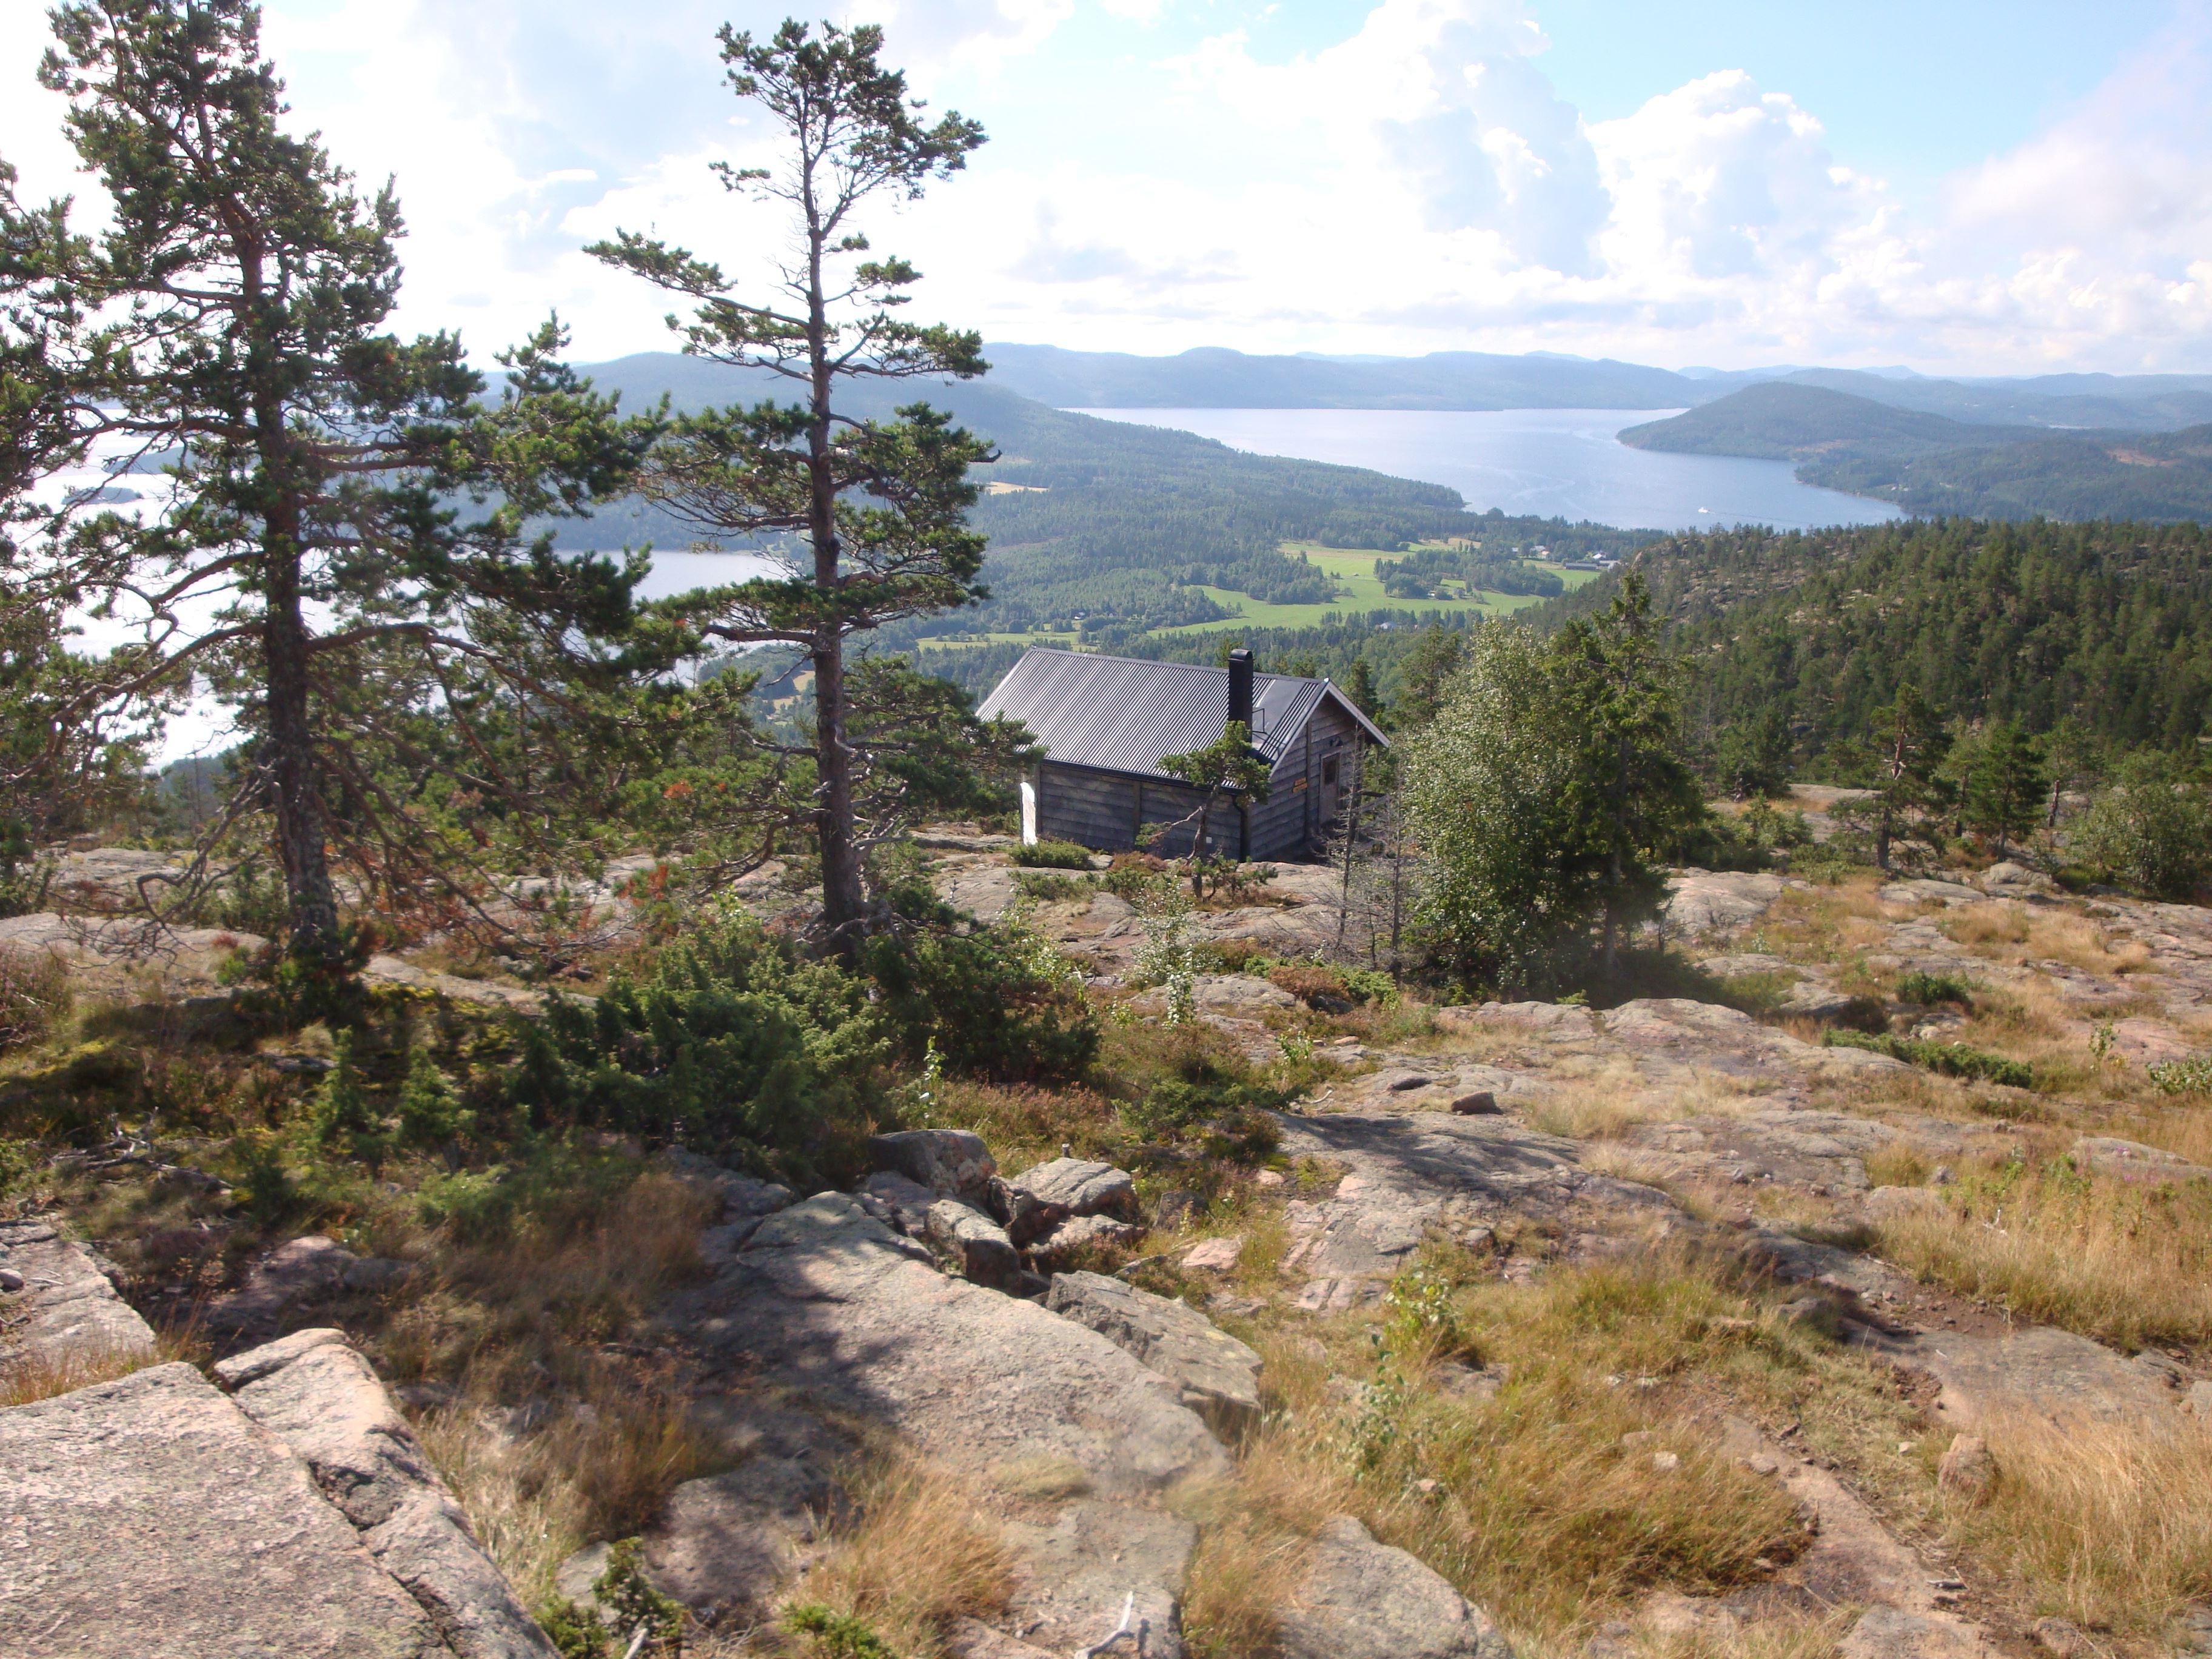 Anna Carlemalm, Landhöjningsguidning på Skulebergets topp